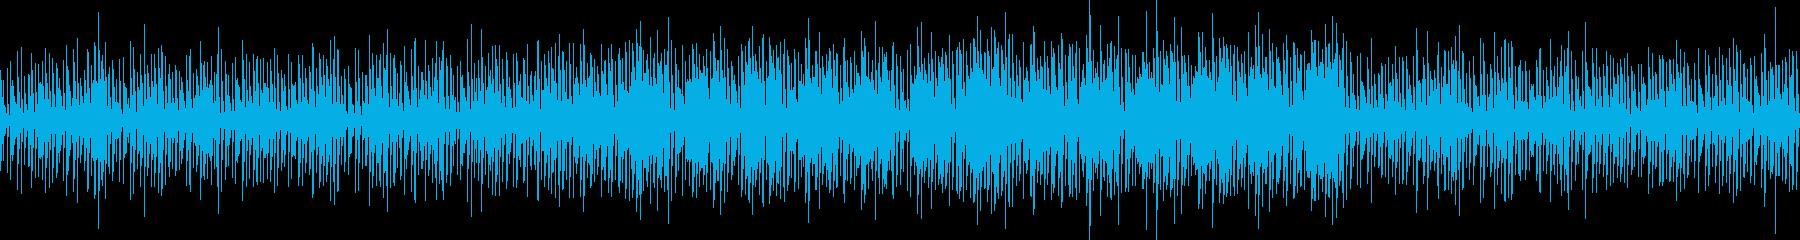 カッコいいチルテクノ、動画やゲームPVにの再生済みの波形